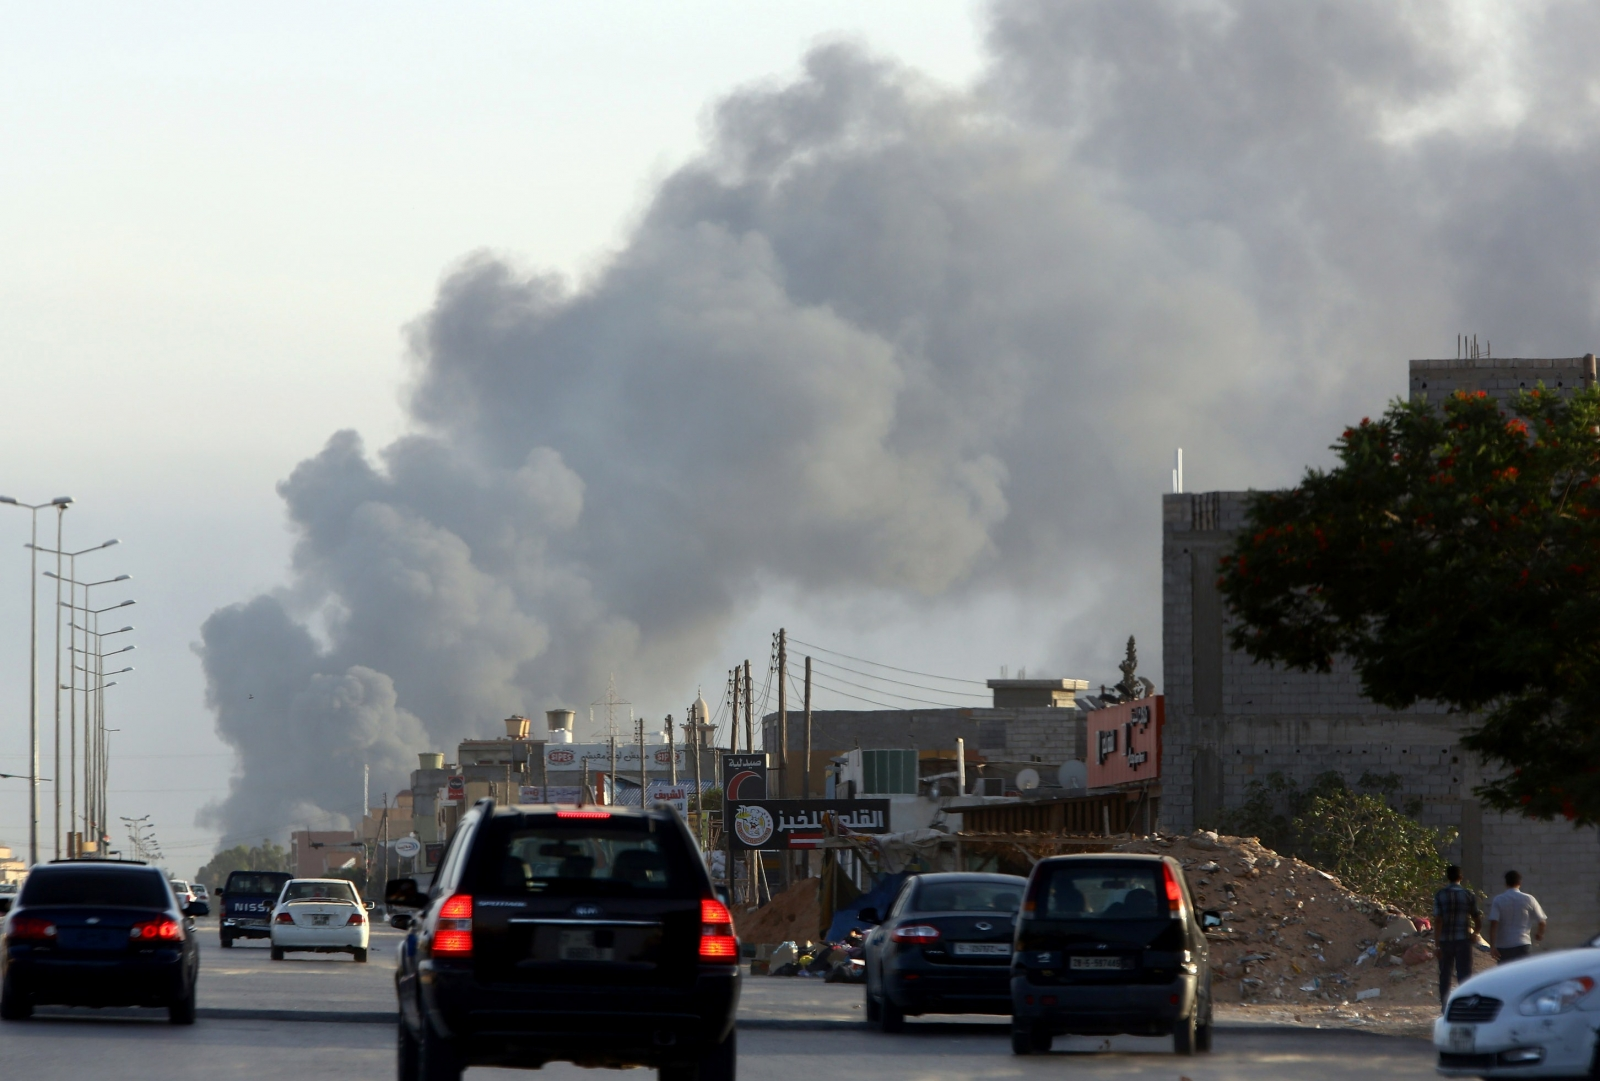 Tripoli Fire